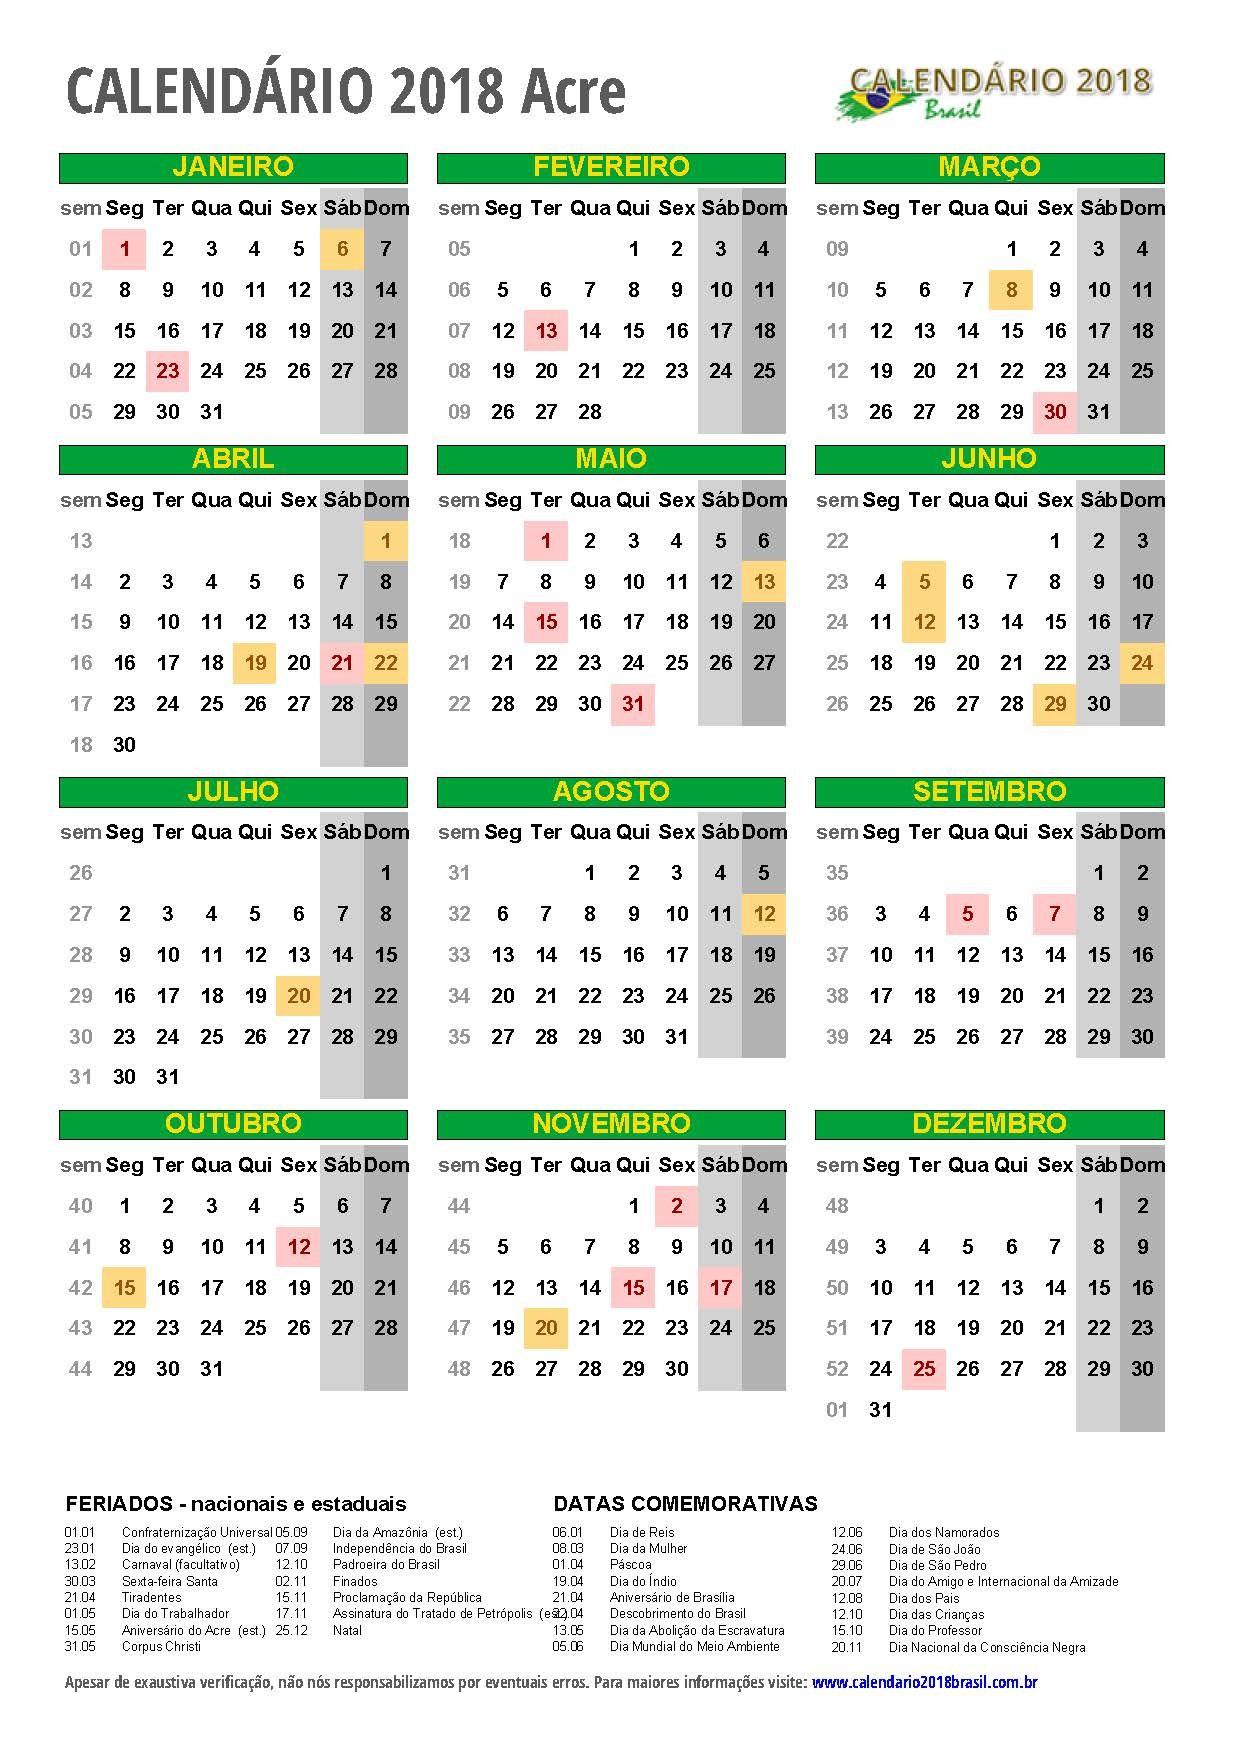 Calendario 2019 Para Imprimir Com Feriados Sp Más Populares Calendrio 2018 Para Imprimir Feriados Of Calendario 2019 Para Imprimir Com Feriados Sp Mejores Y Más Novedosos Calendario